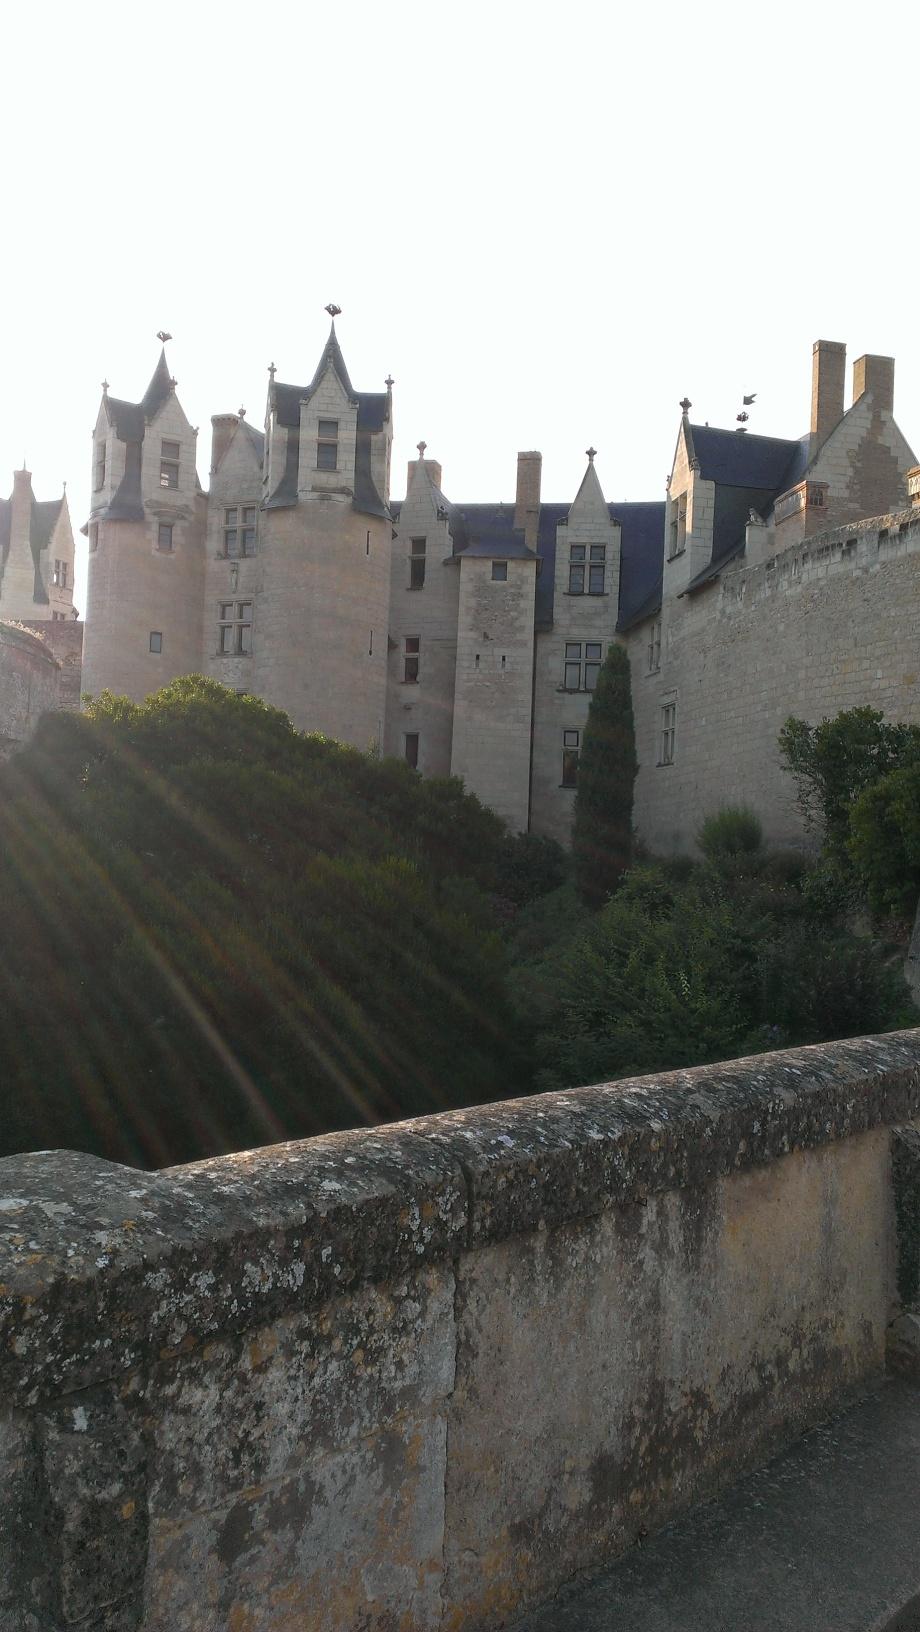 Montreuil-Bellay's Castle